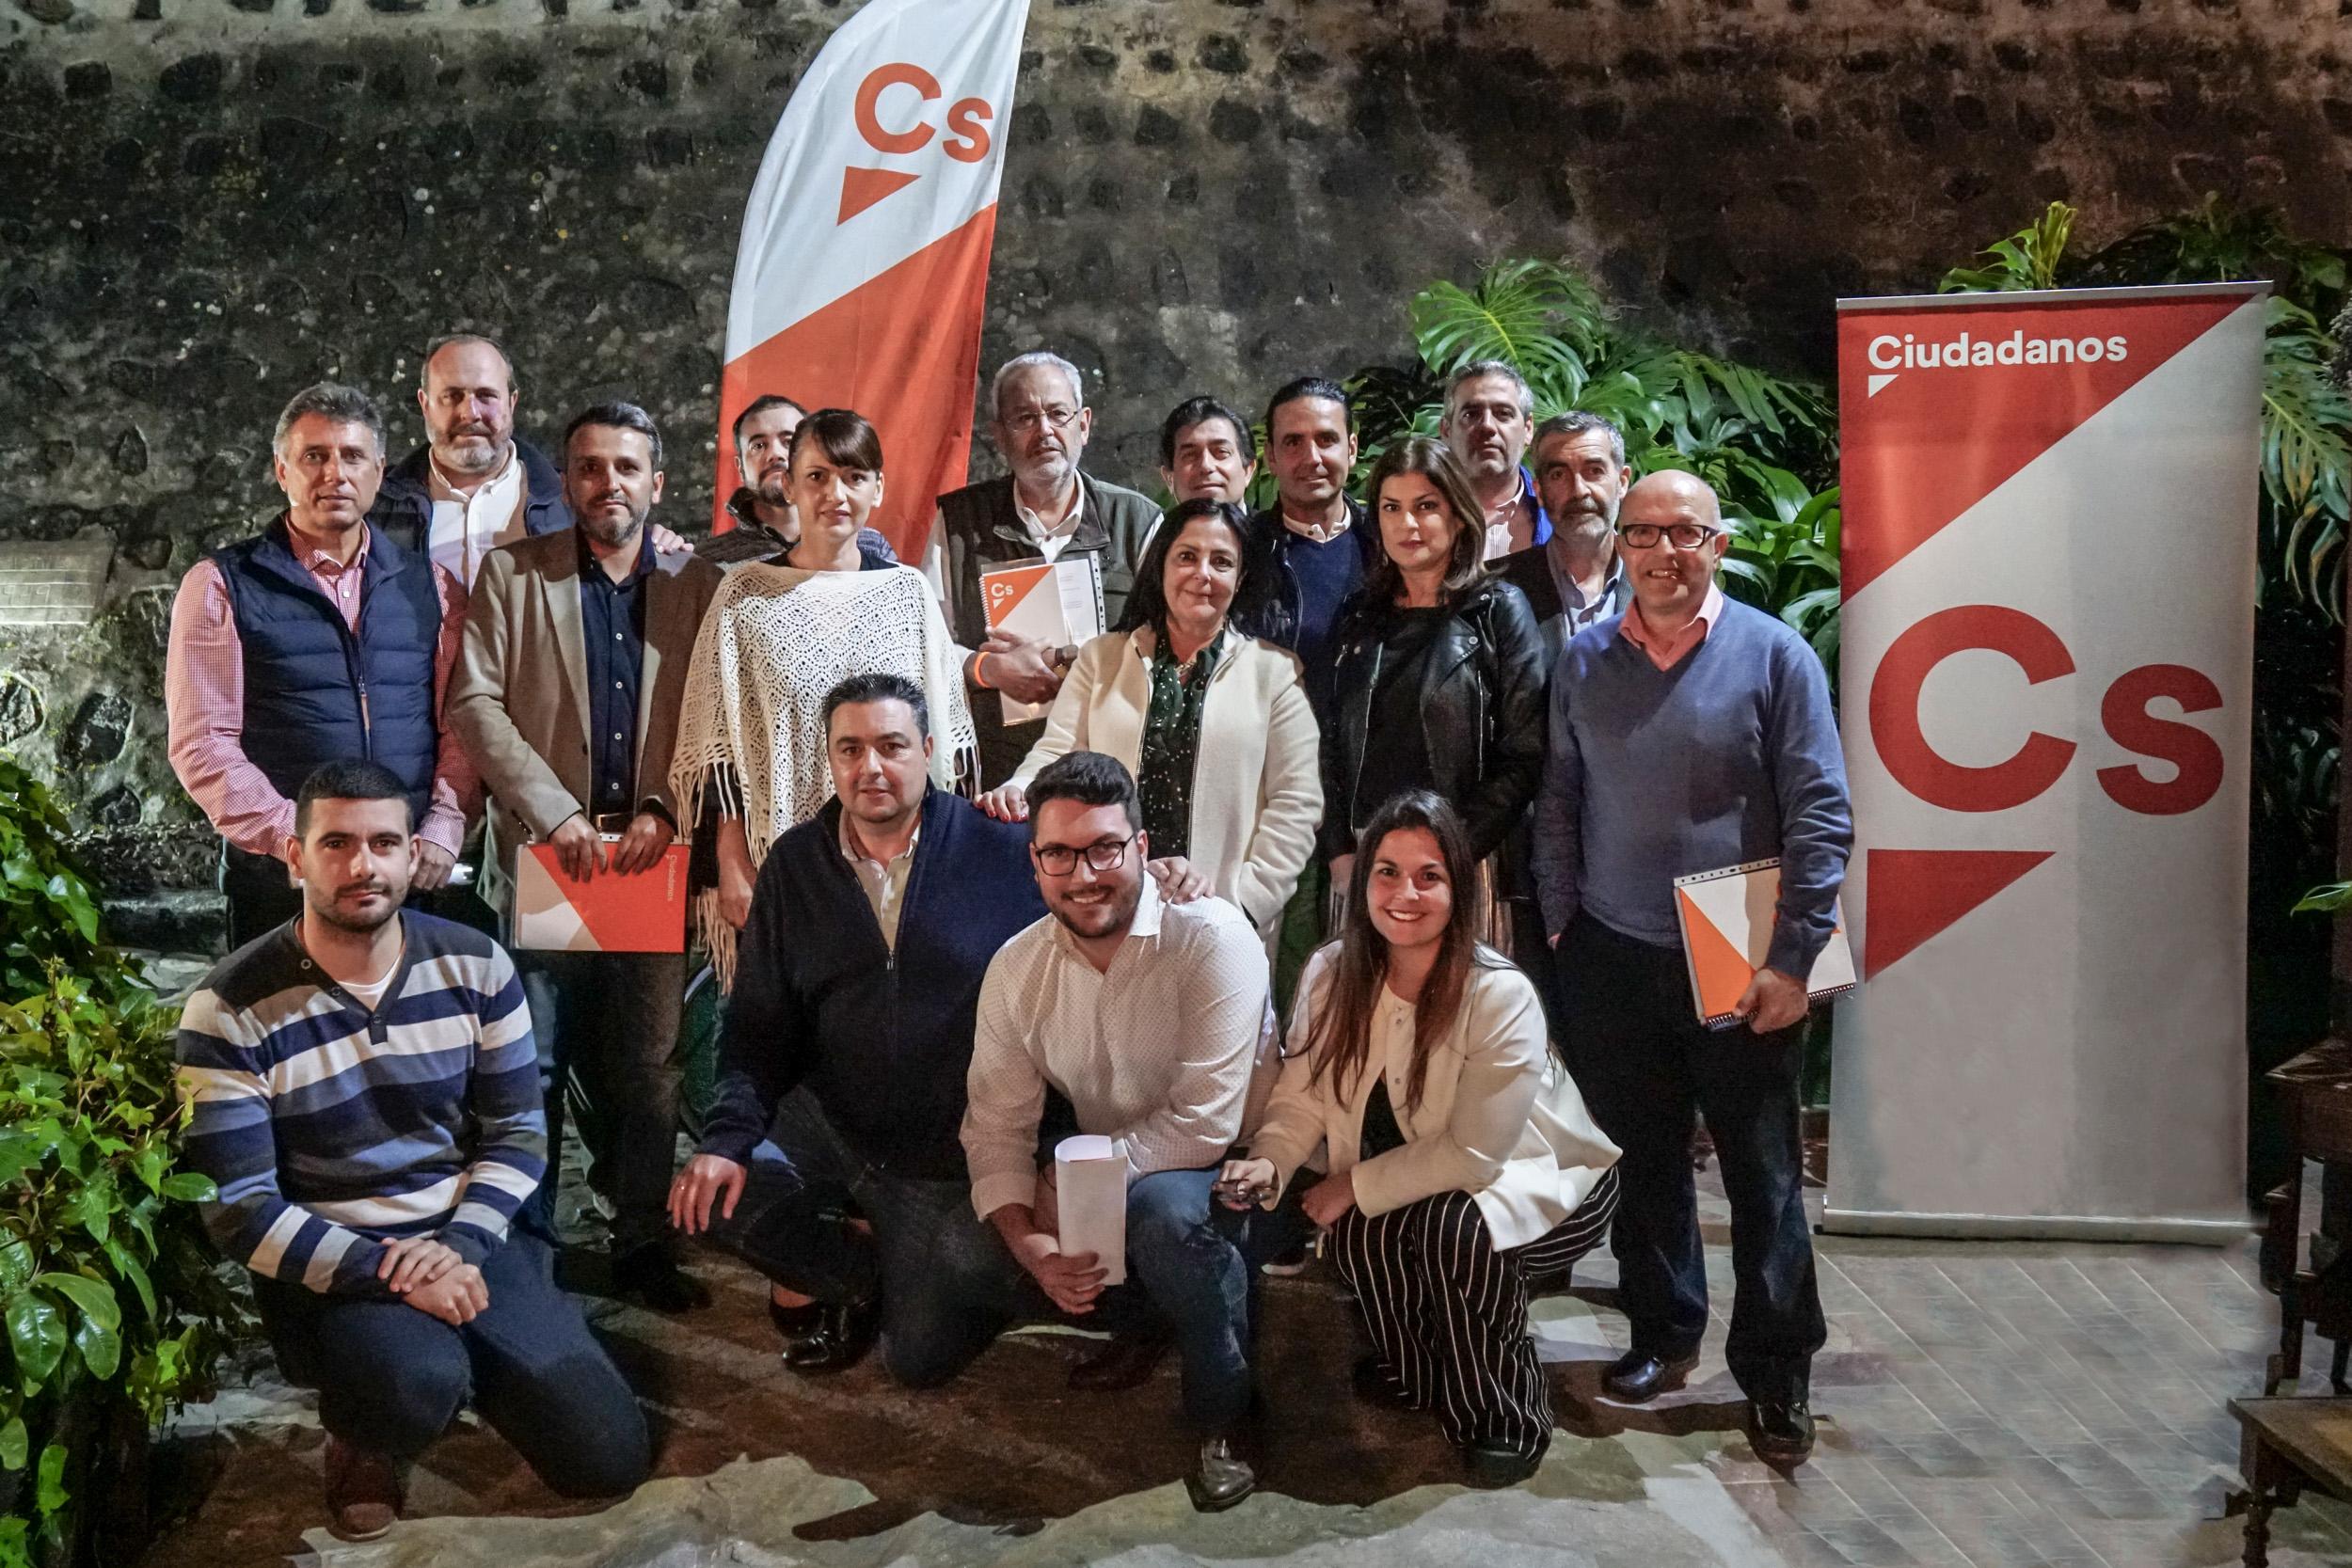 """Cs denuncia que Coalición Canaria vuelva a utilizar el dinero de todos para celebrar otro """"acto electoralista"""""""